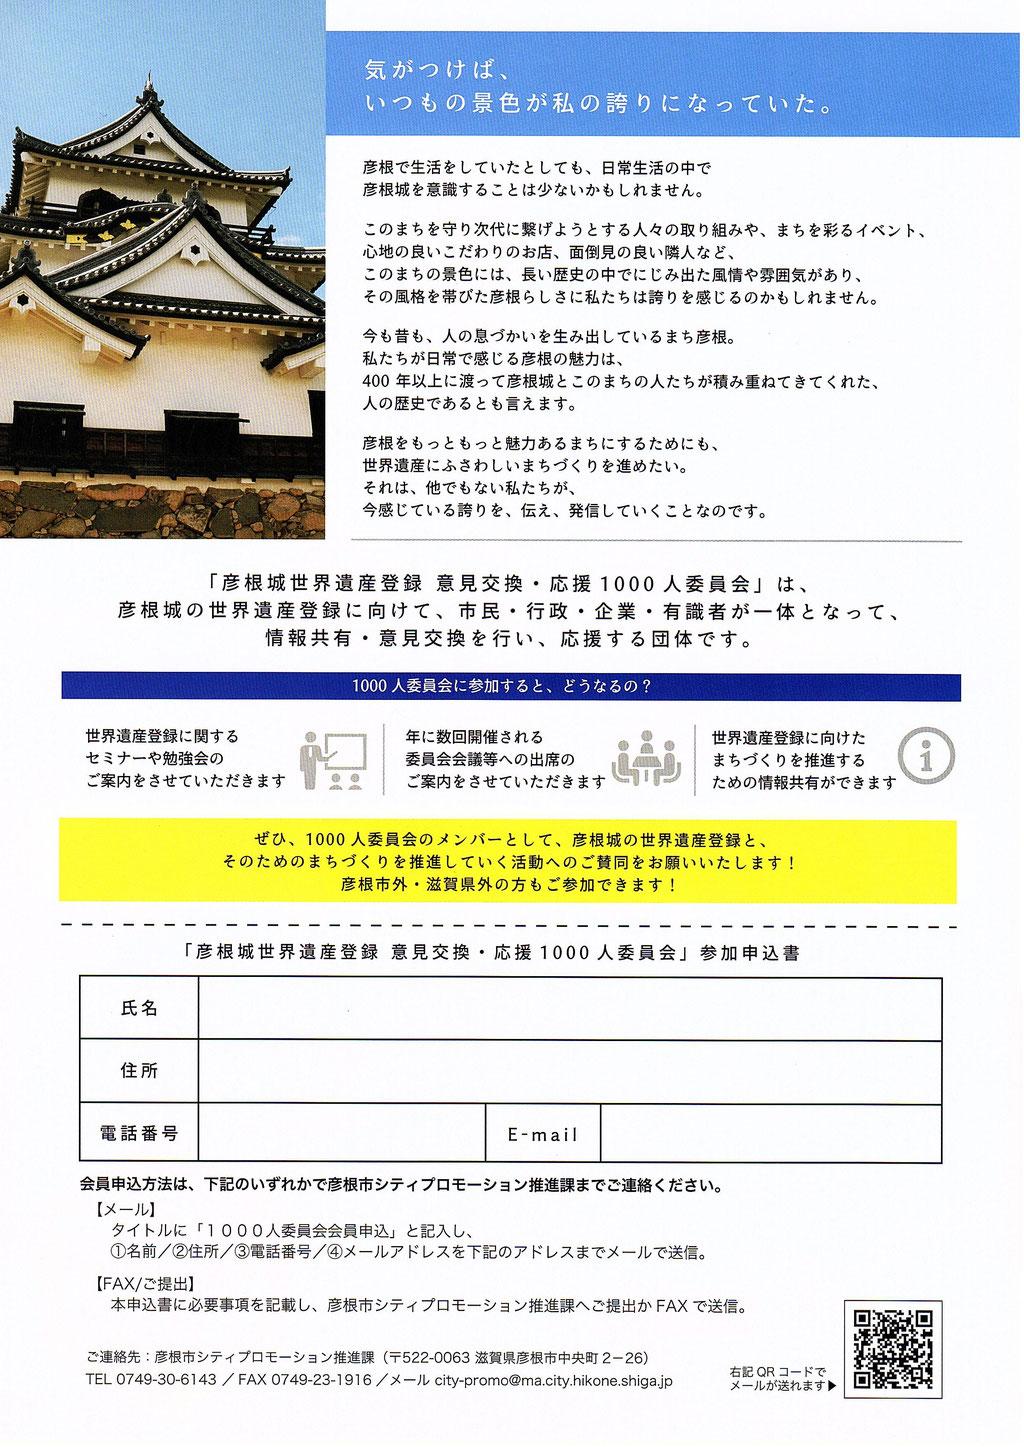 「彦根城世界遺産登録意見交換・応援1000人委員会」会員募集中